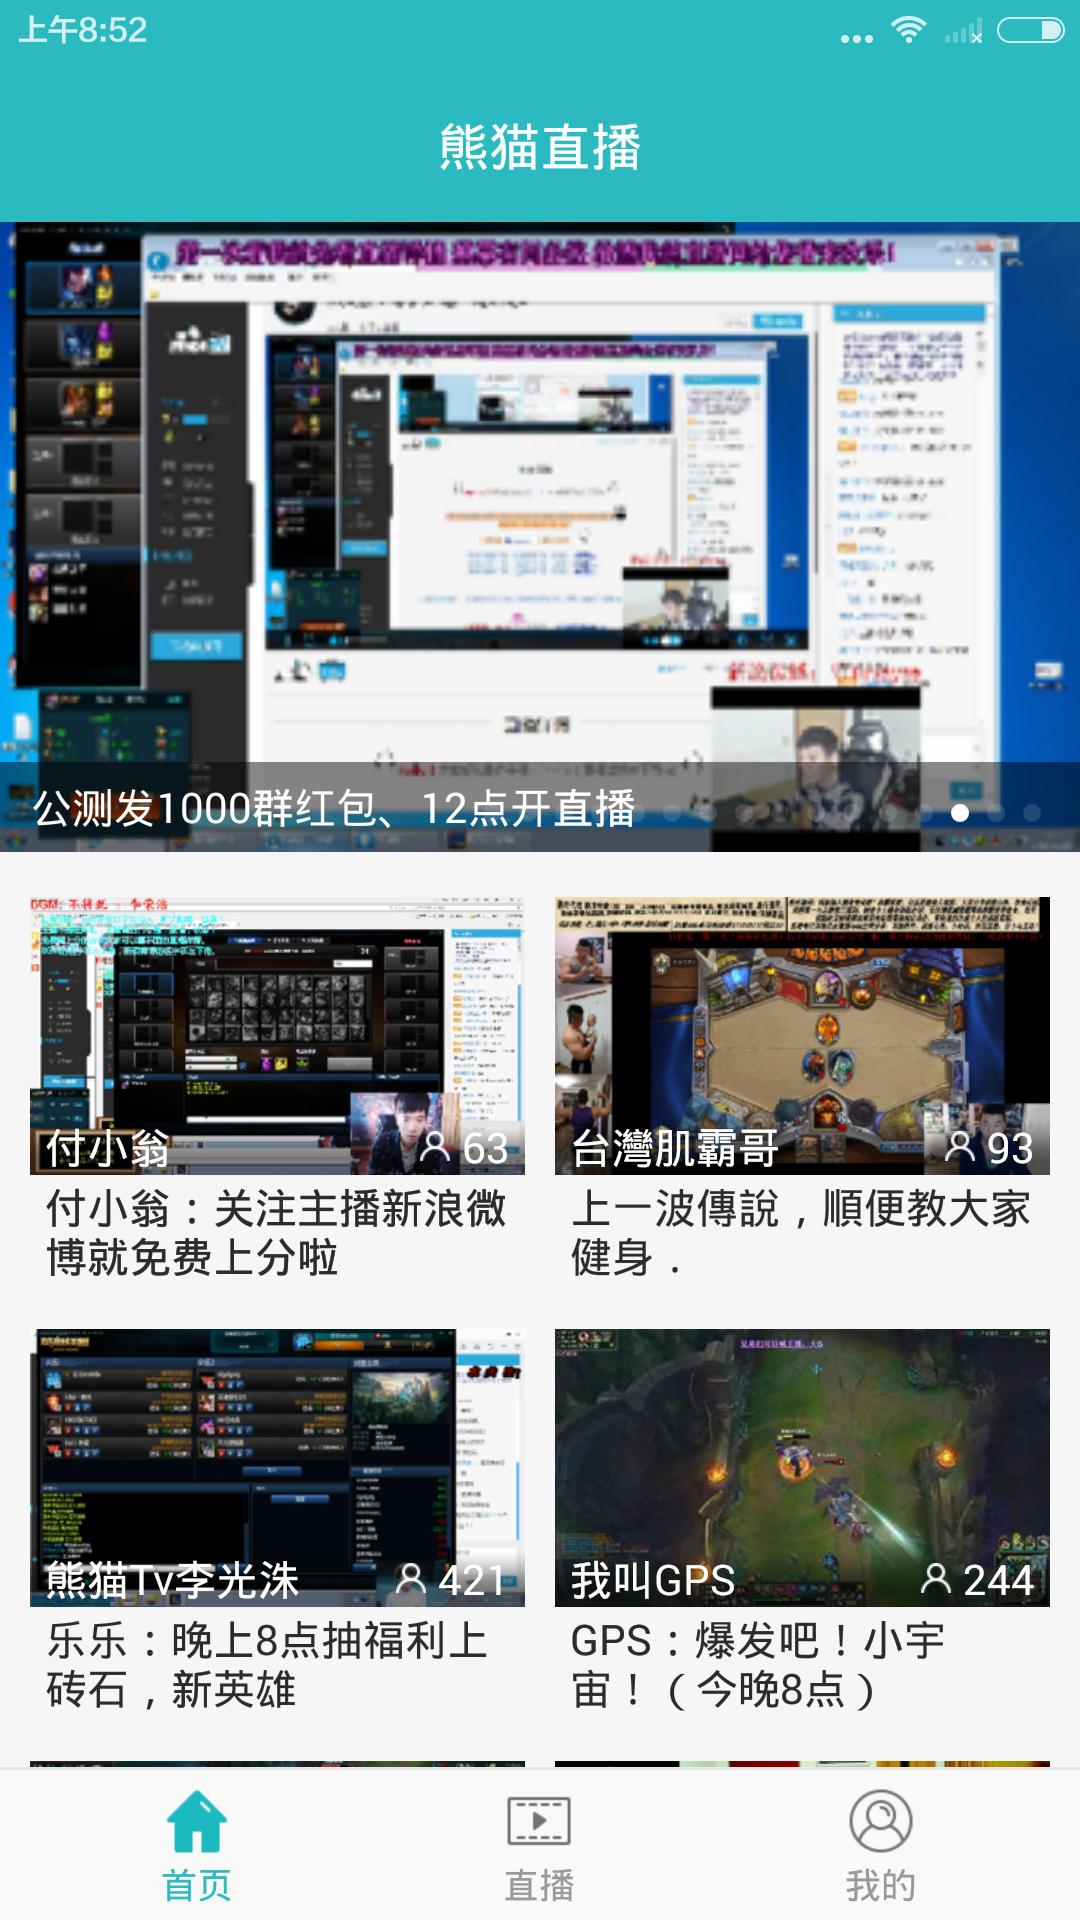 熊猫TV官网客户端(panda TV) v1.0.0.1036